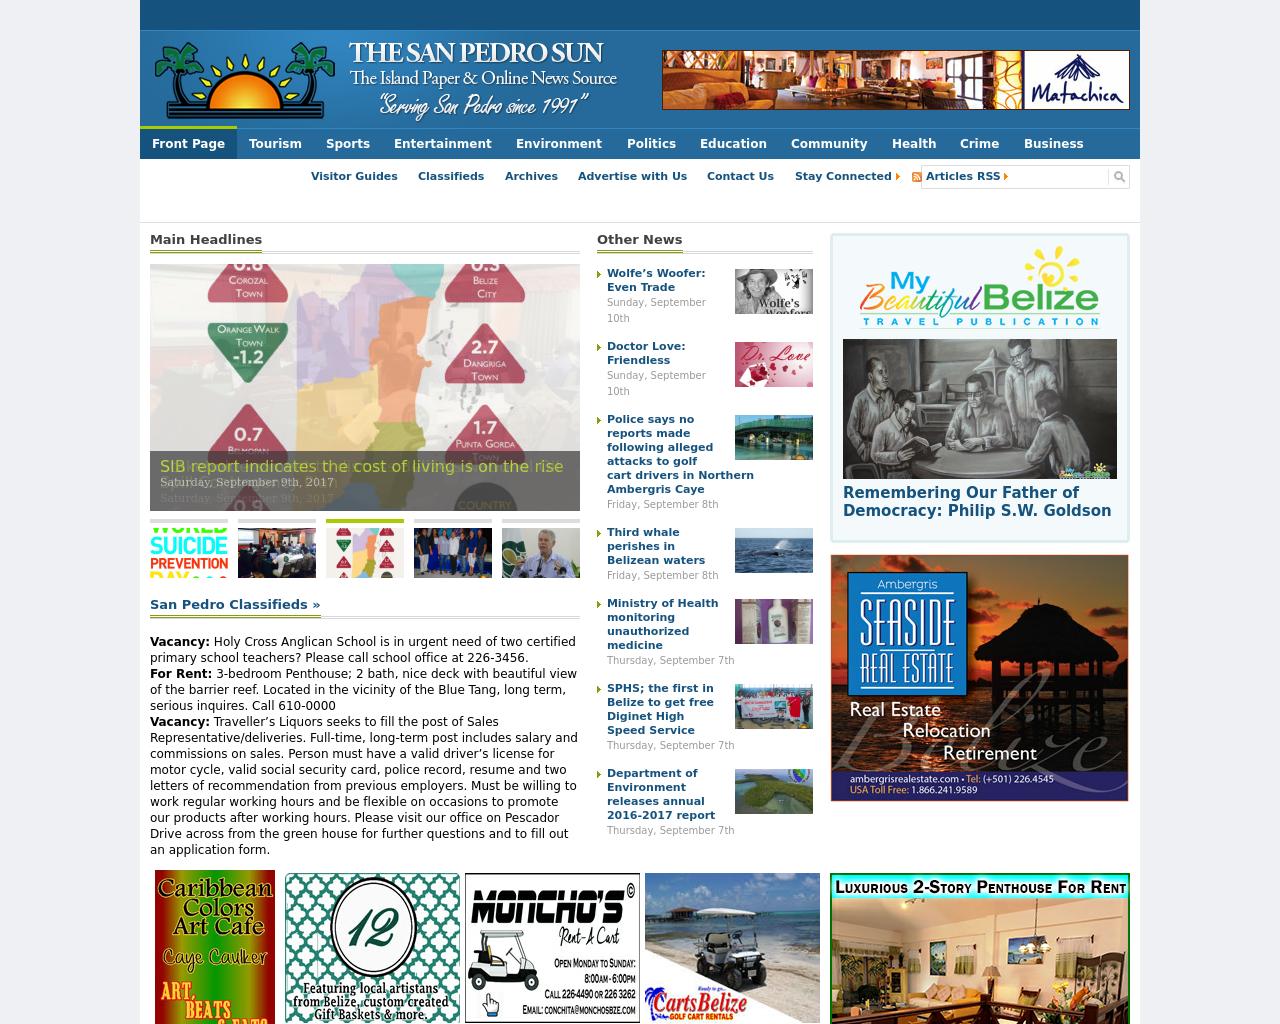 The-San-Pedro-Sun-Advertising-Reviews-Pricing